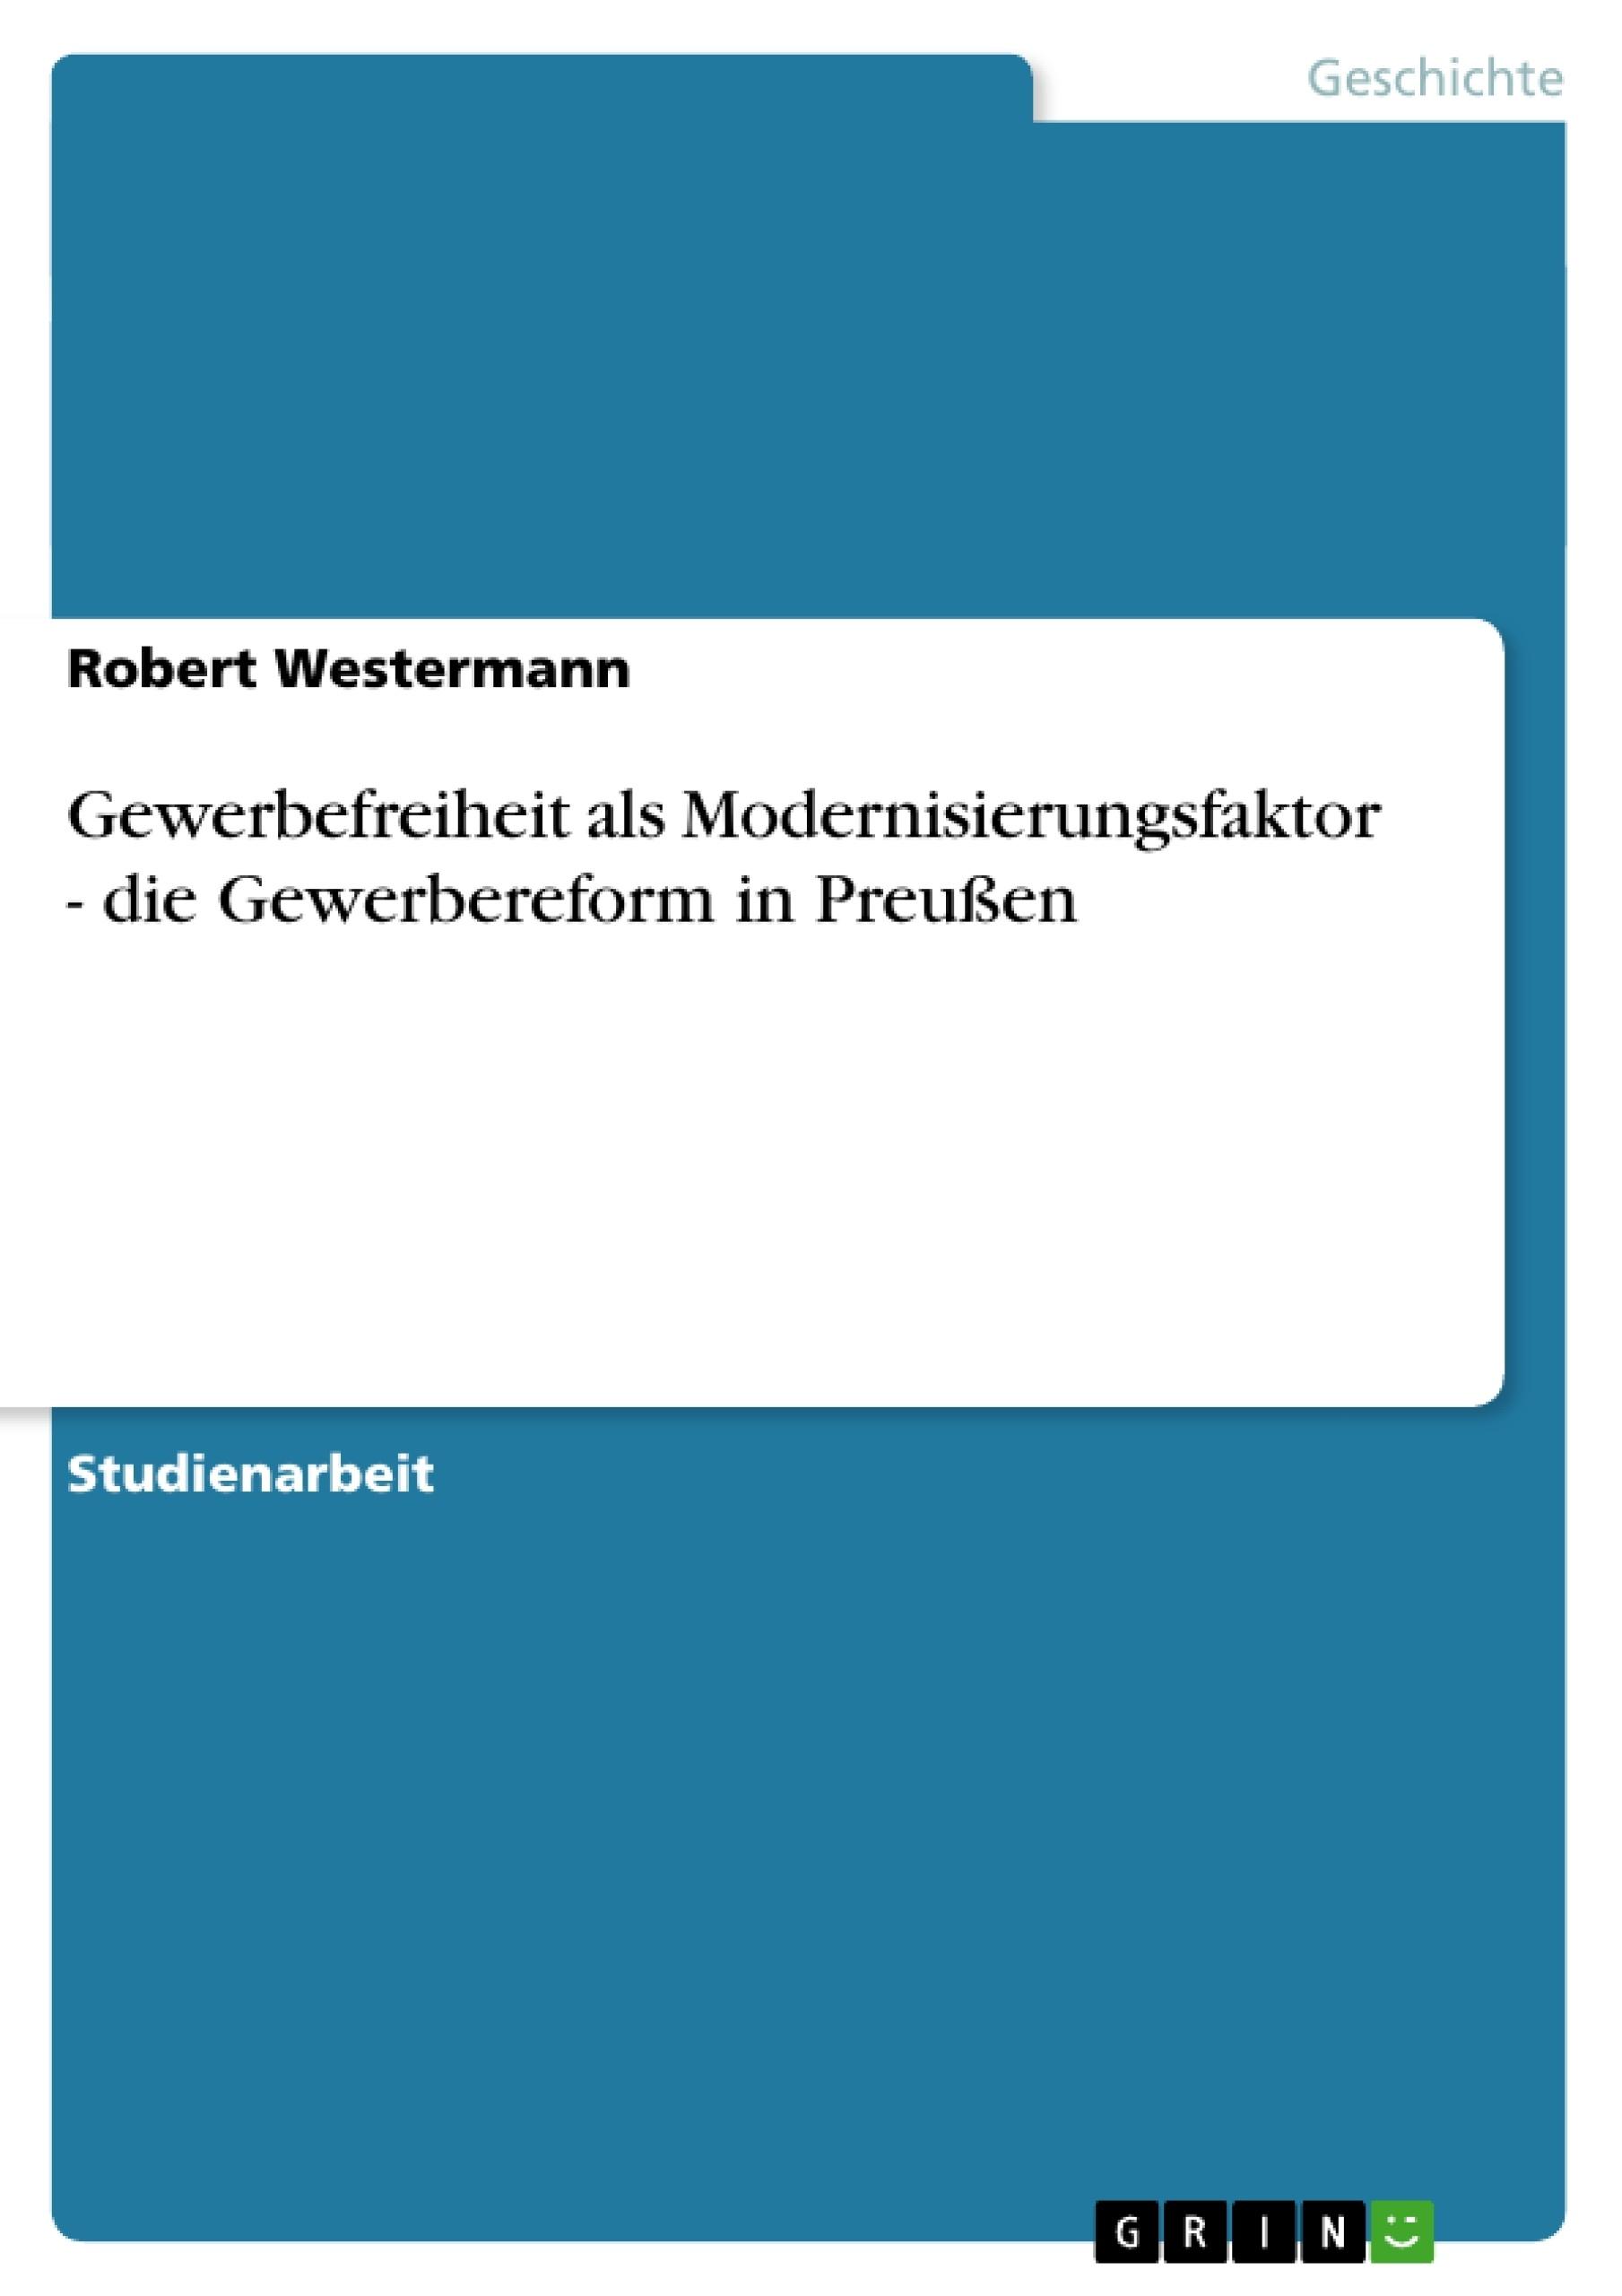 Titel: Gewerbefreiheit als Modernisierungsfaktor - die Gewerbereform in Preußen